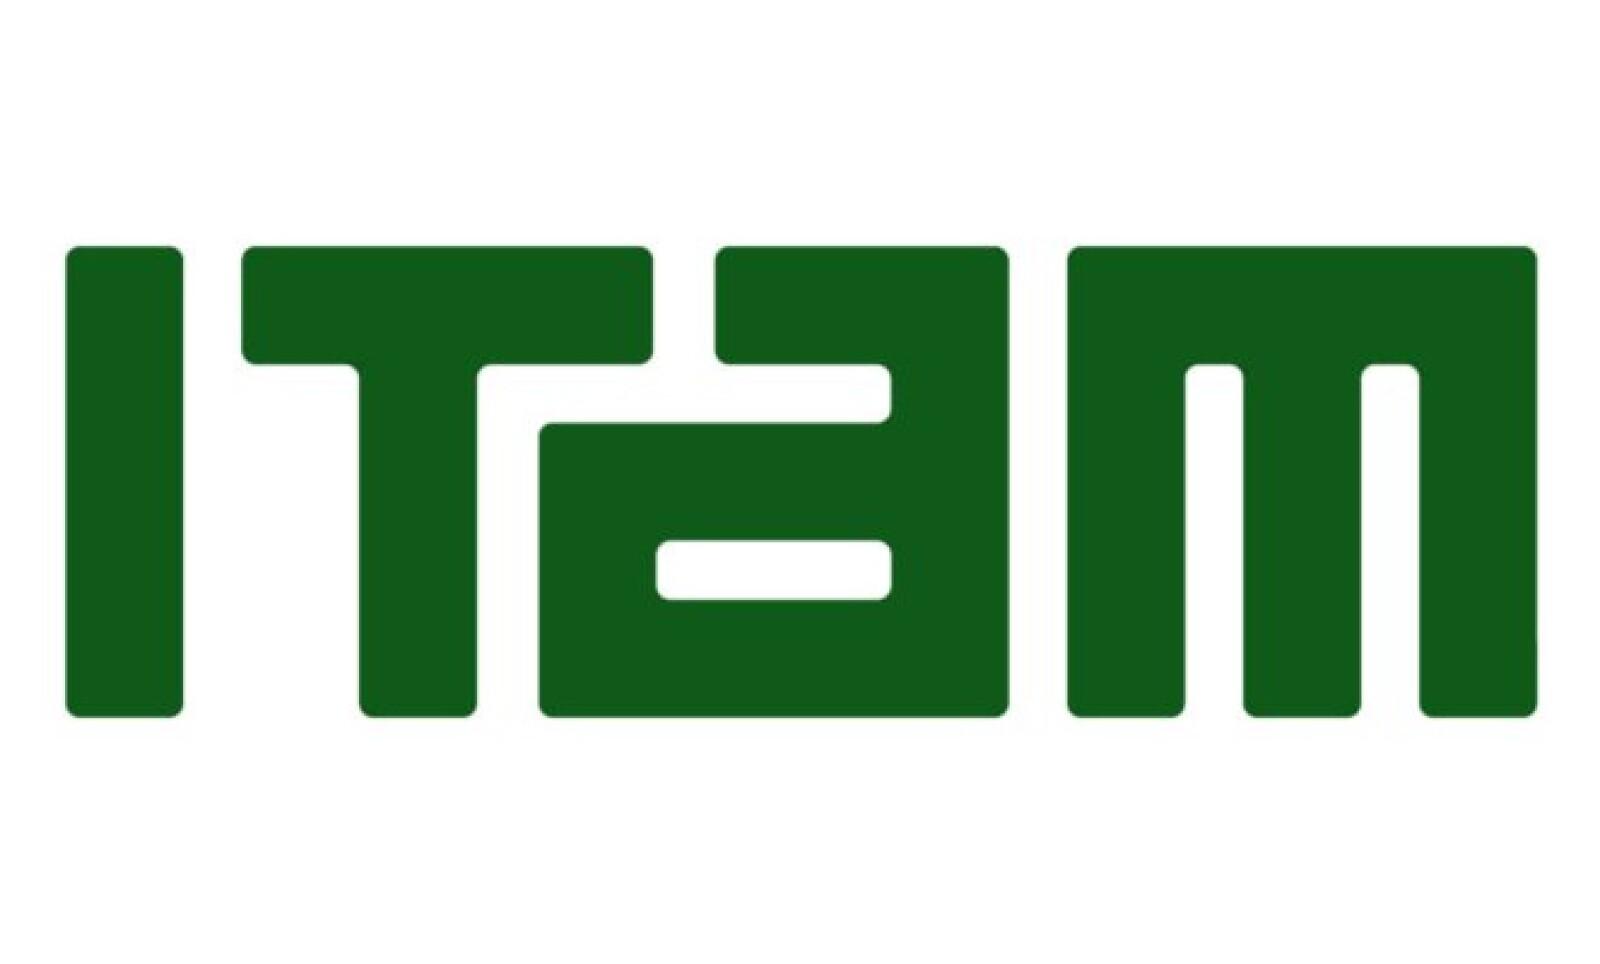 Éste es el logotipo del Instituto Tecnológico Autónomo de México, fundado el 29 de marzo de 1946.